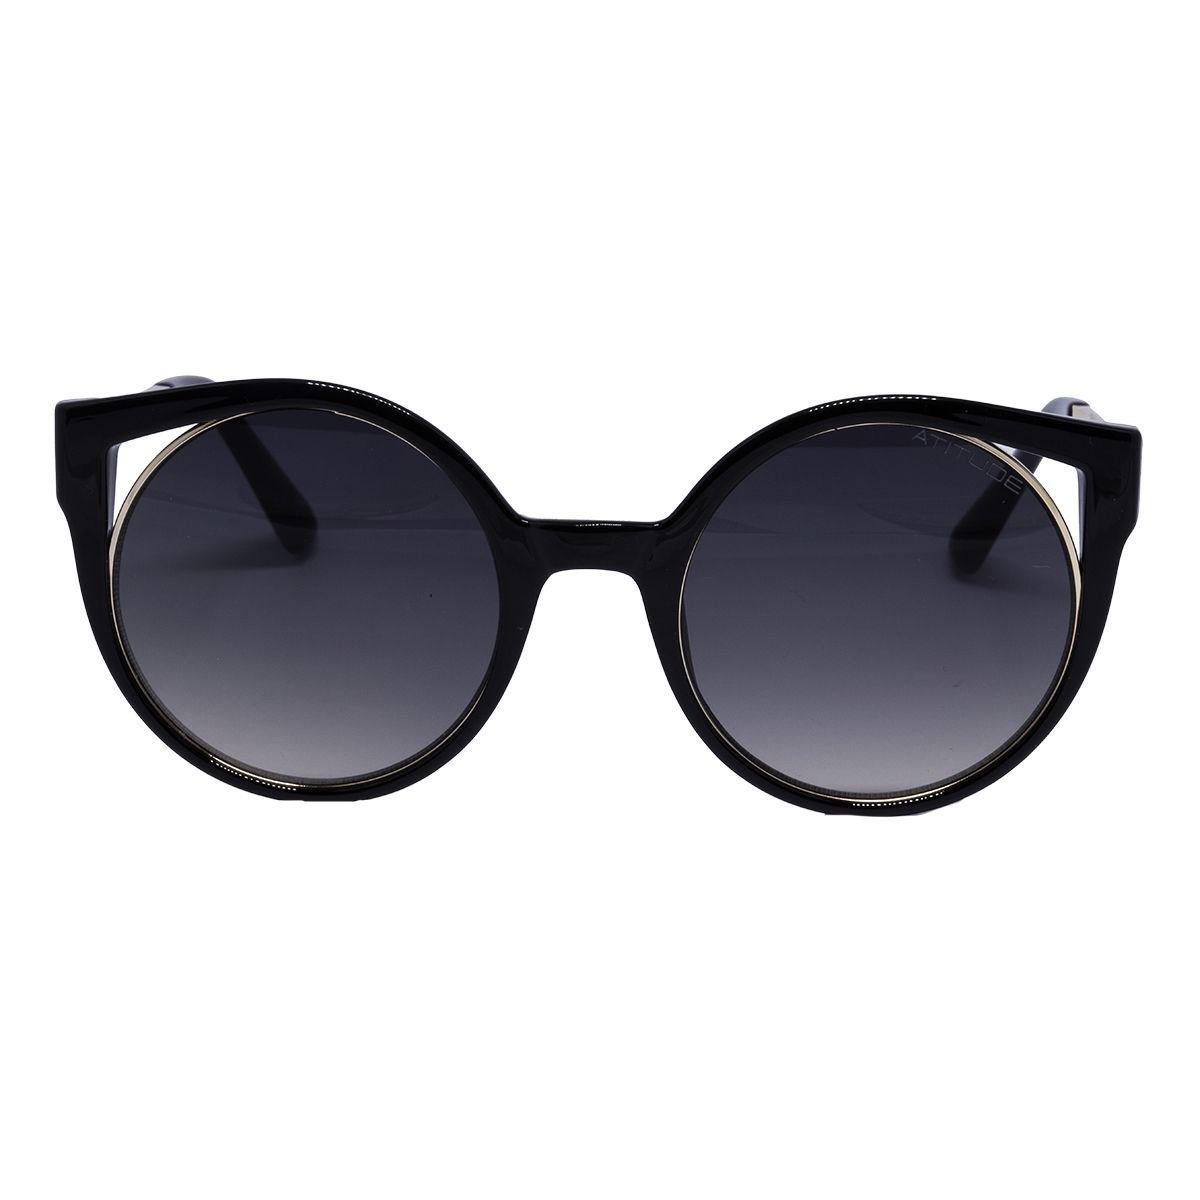 6a2a40228052d Óculos de Sol Atitude Feminino AT5374 - Acetato Preto e Lente Cinza Degradê  Produto não disponível